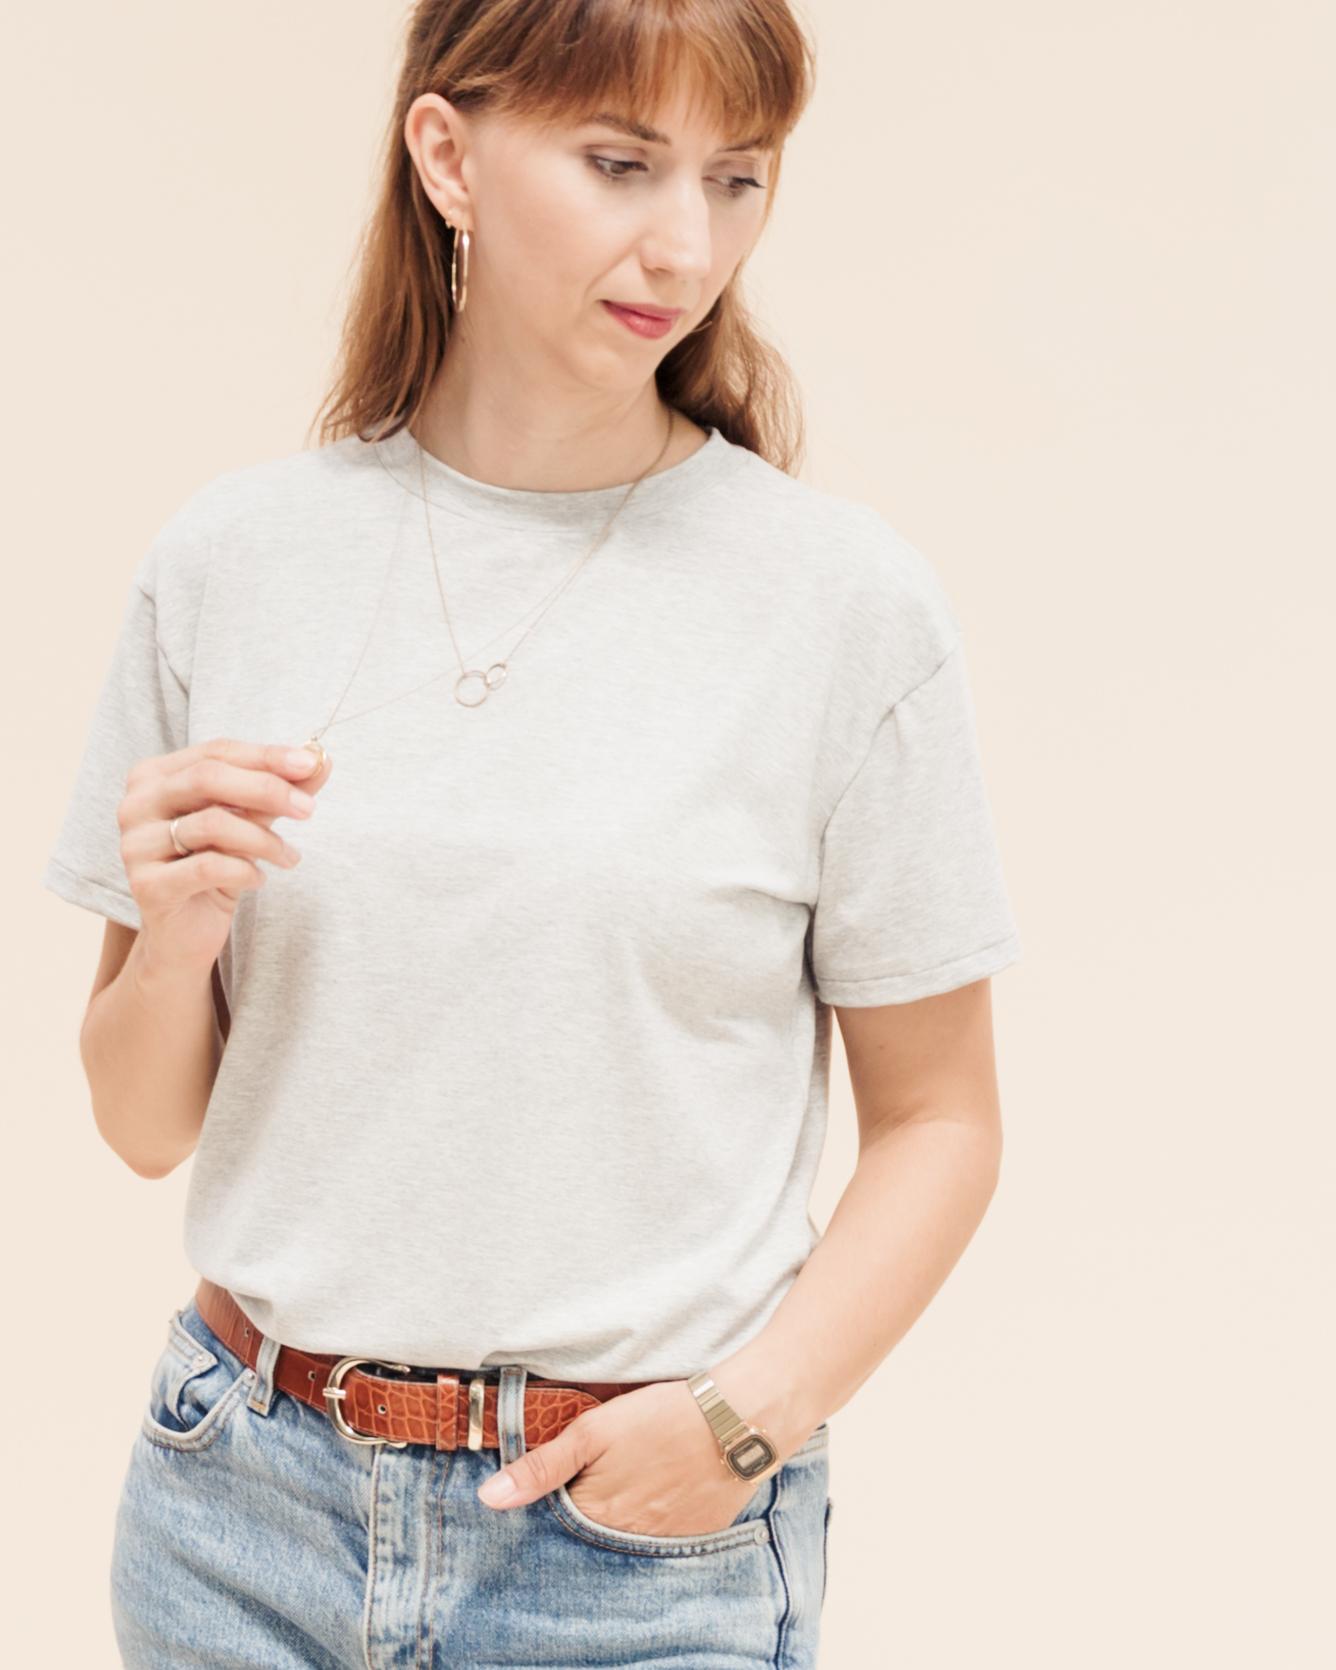 Lässige T-Shirts nähen: Tomboy T-Shirts Schnittmuster für trendige Oversize T-Shirts in angesagtem Boyfriend Look.